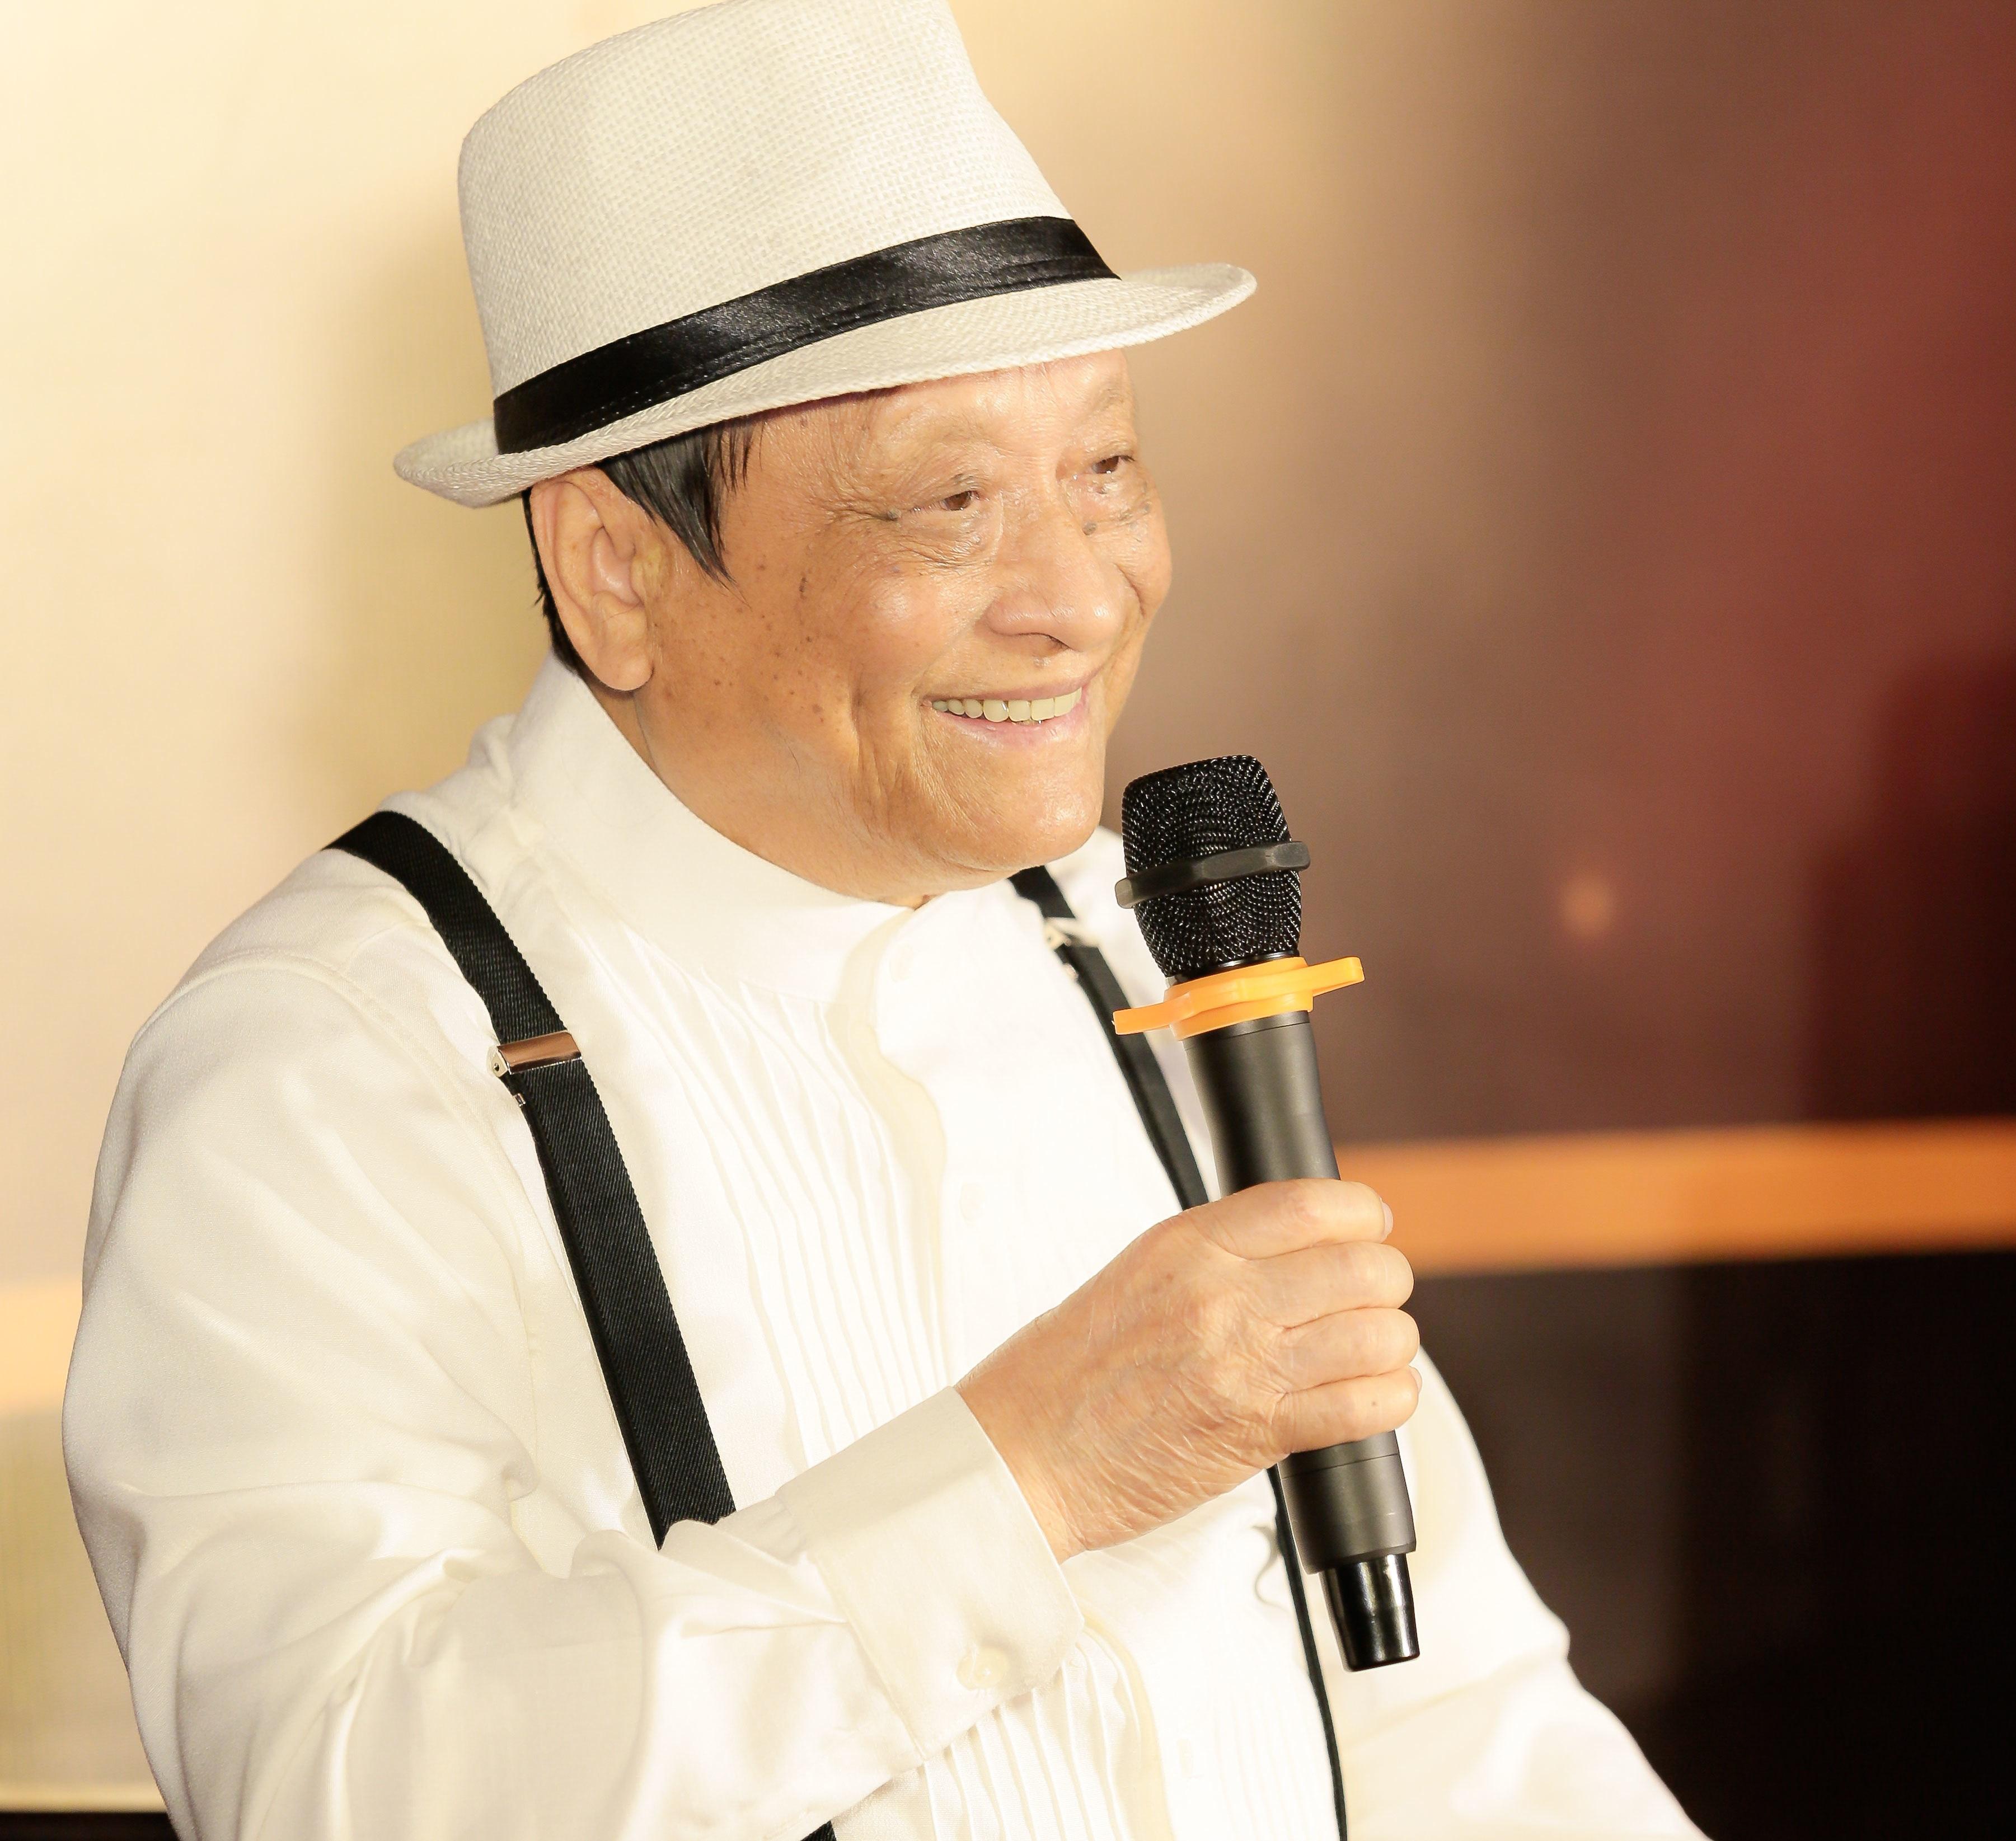 Nhạc sĩ Vĩnh Cát trẻ trung, hóm hỉnh bất ngờ ở tuổi 85